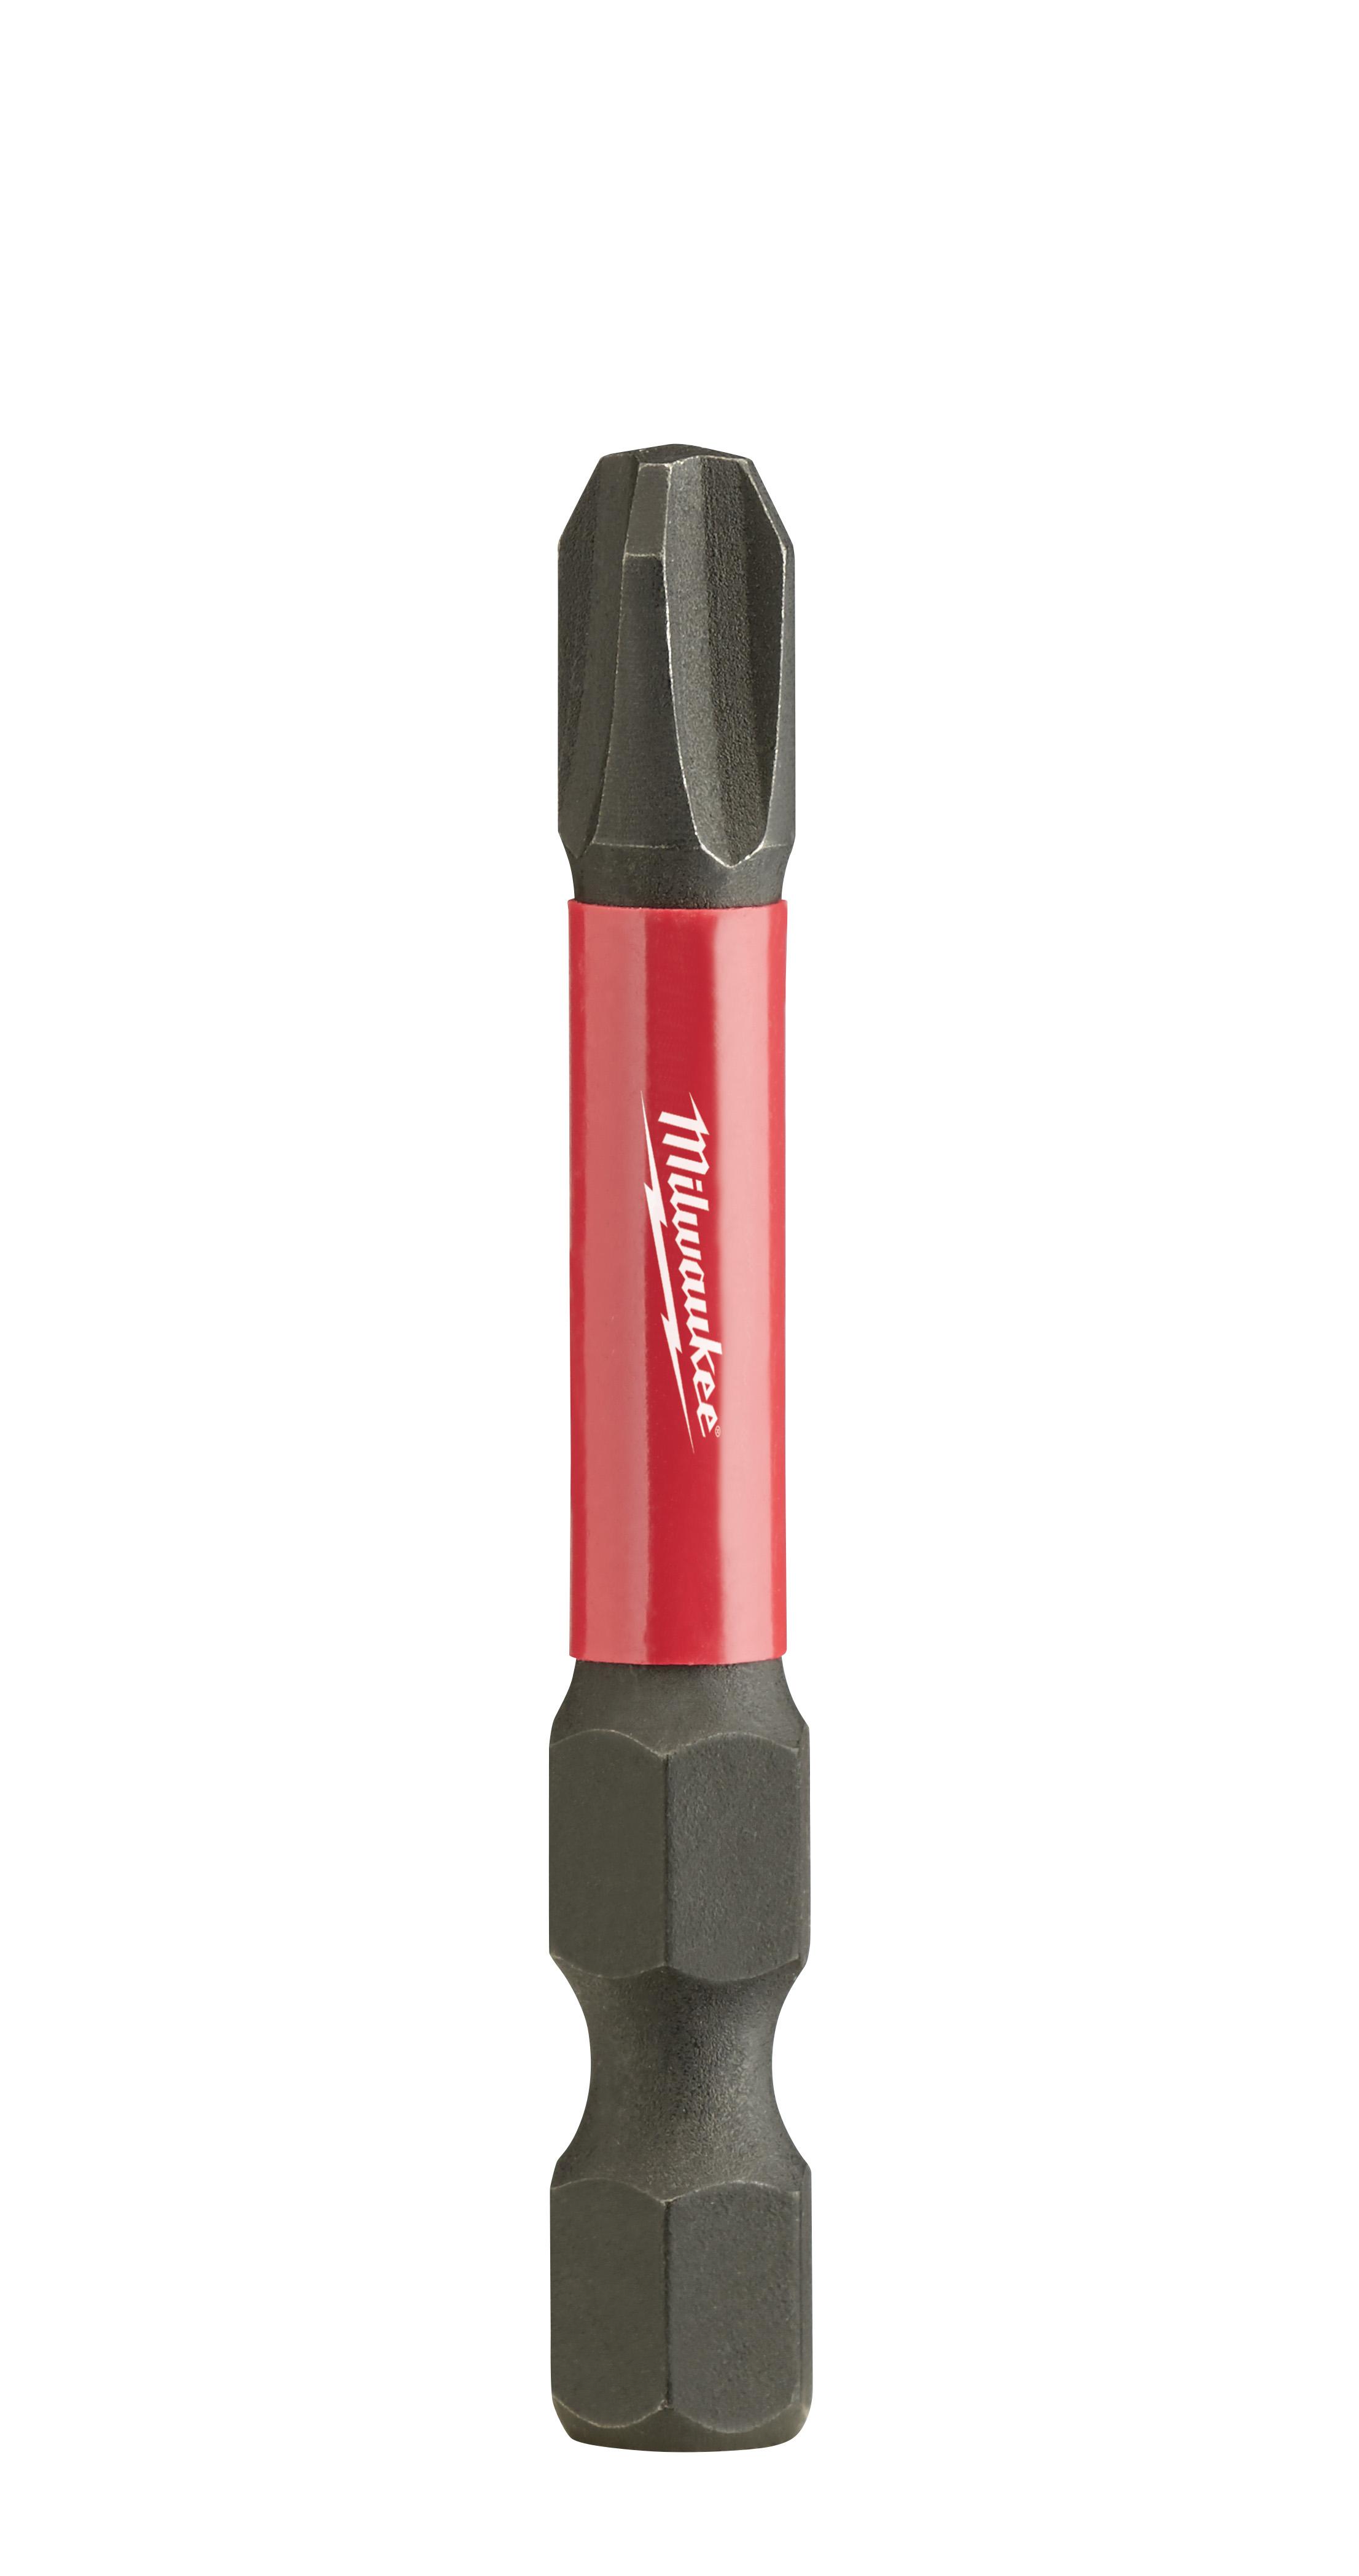 Milwaukee® 48-32-4163 SHOCKWAVE™ Impact Duty™ Impact Power Bit, #3 Phillips® Point, 2 in OAL, 1/4 in, Custom Alloy76™ Steel